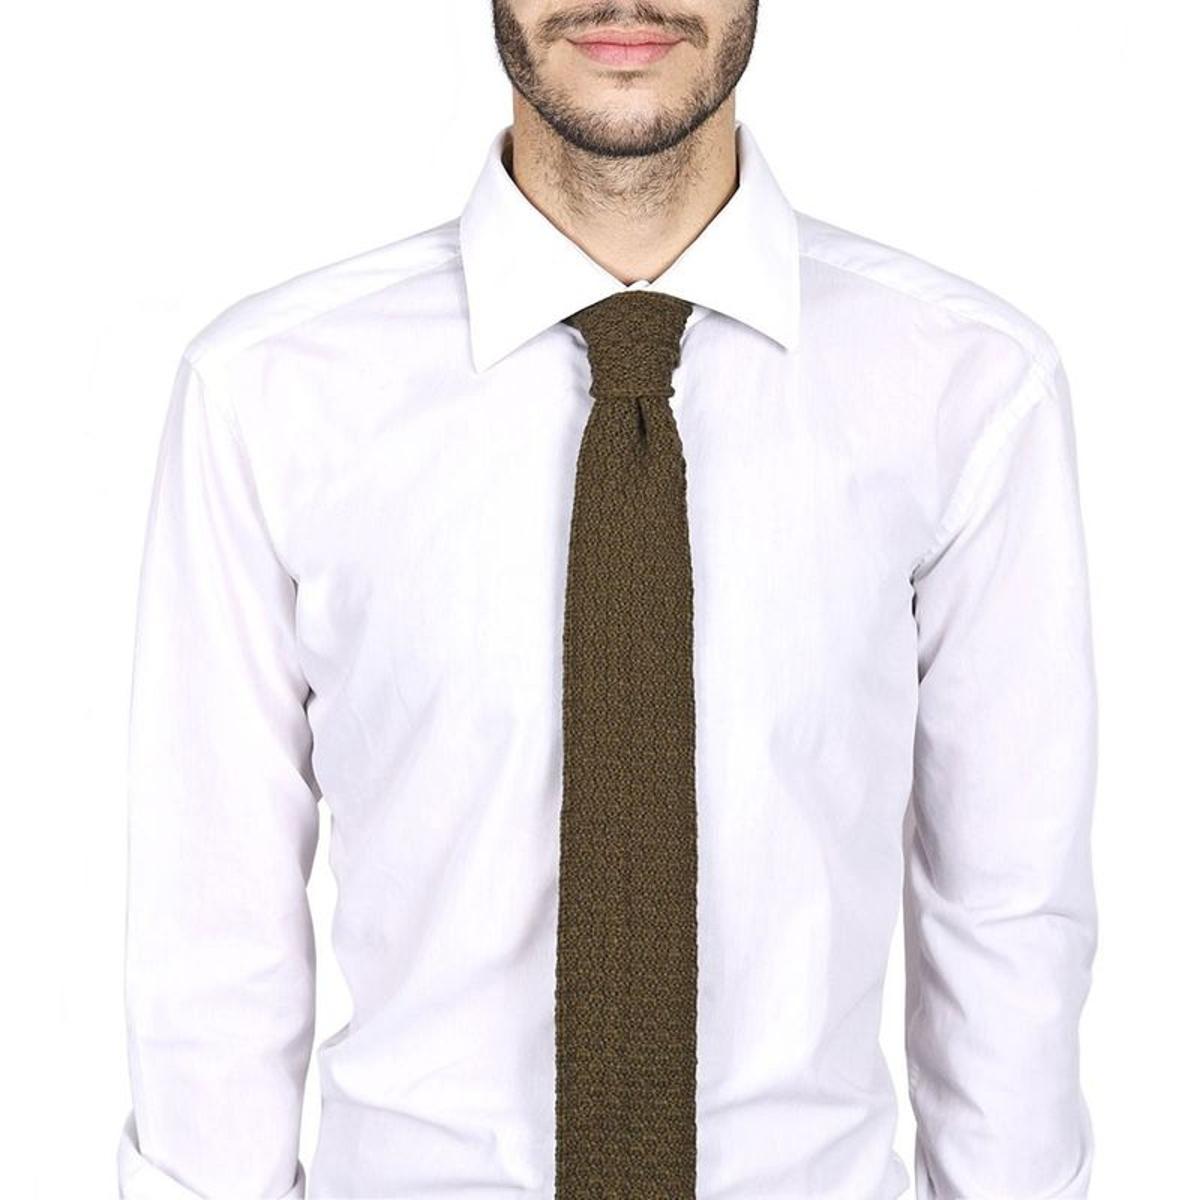 Cravate tricot laine et alpaga kaki - Fabriqué en France